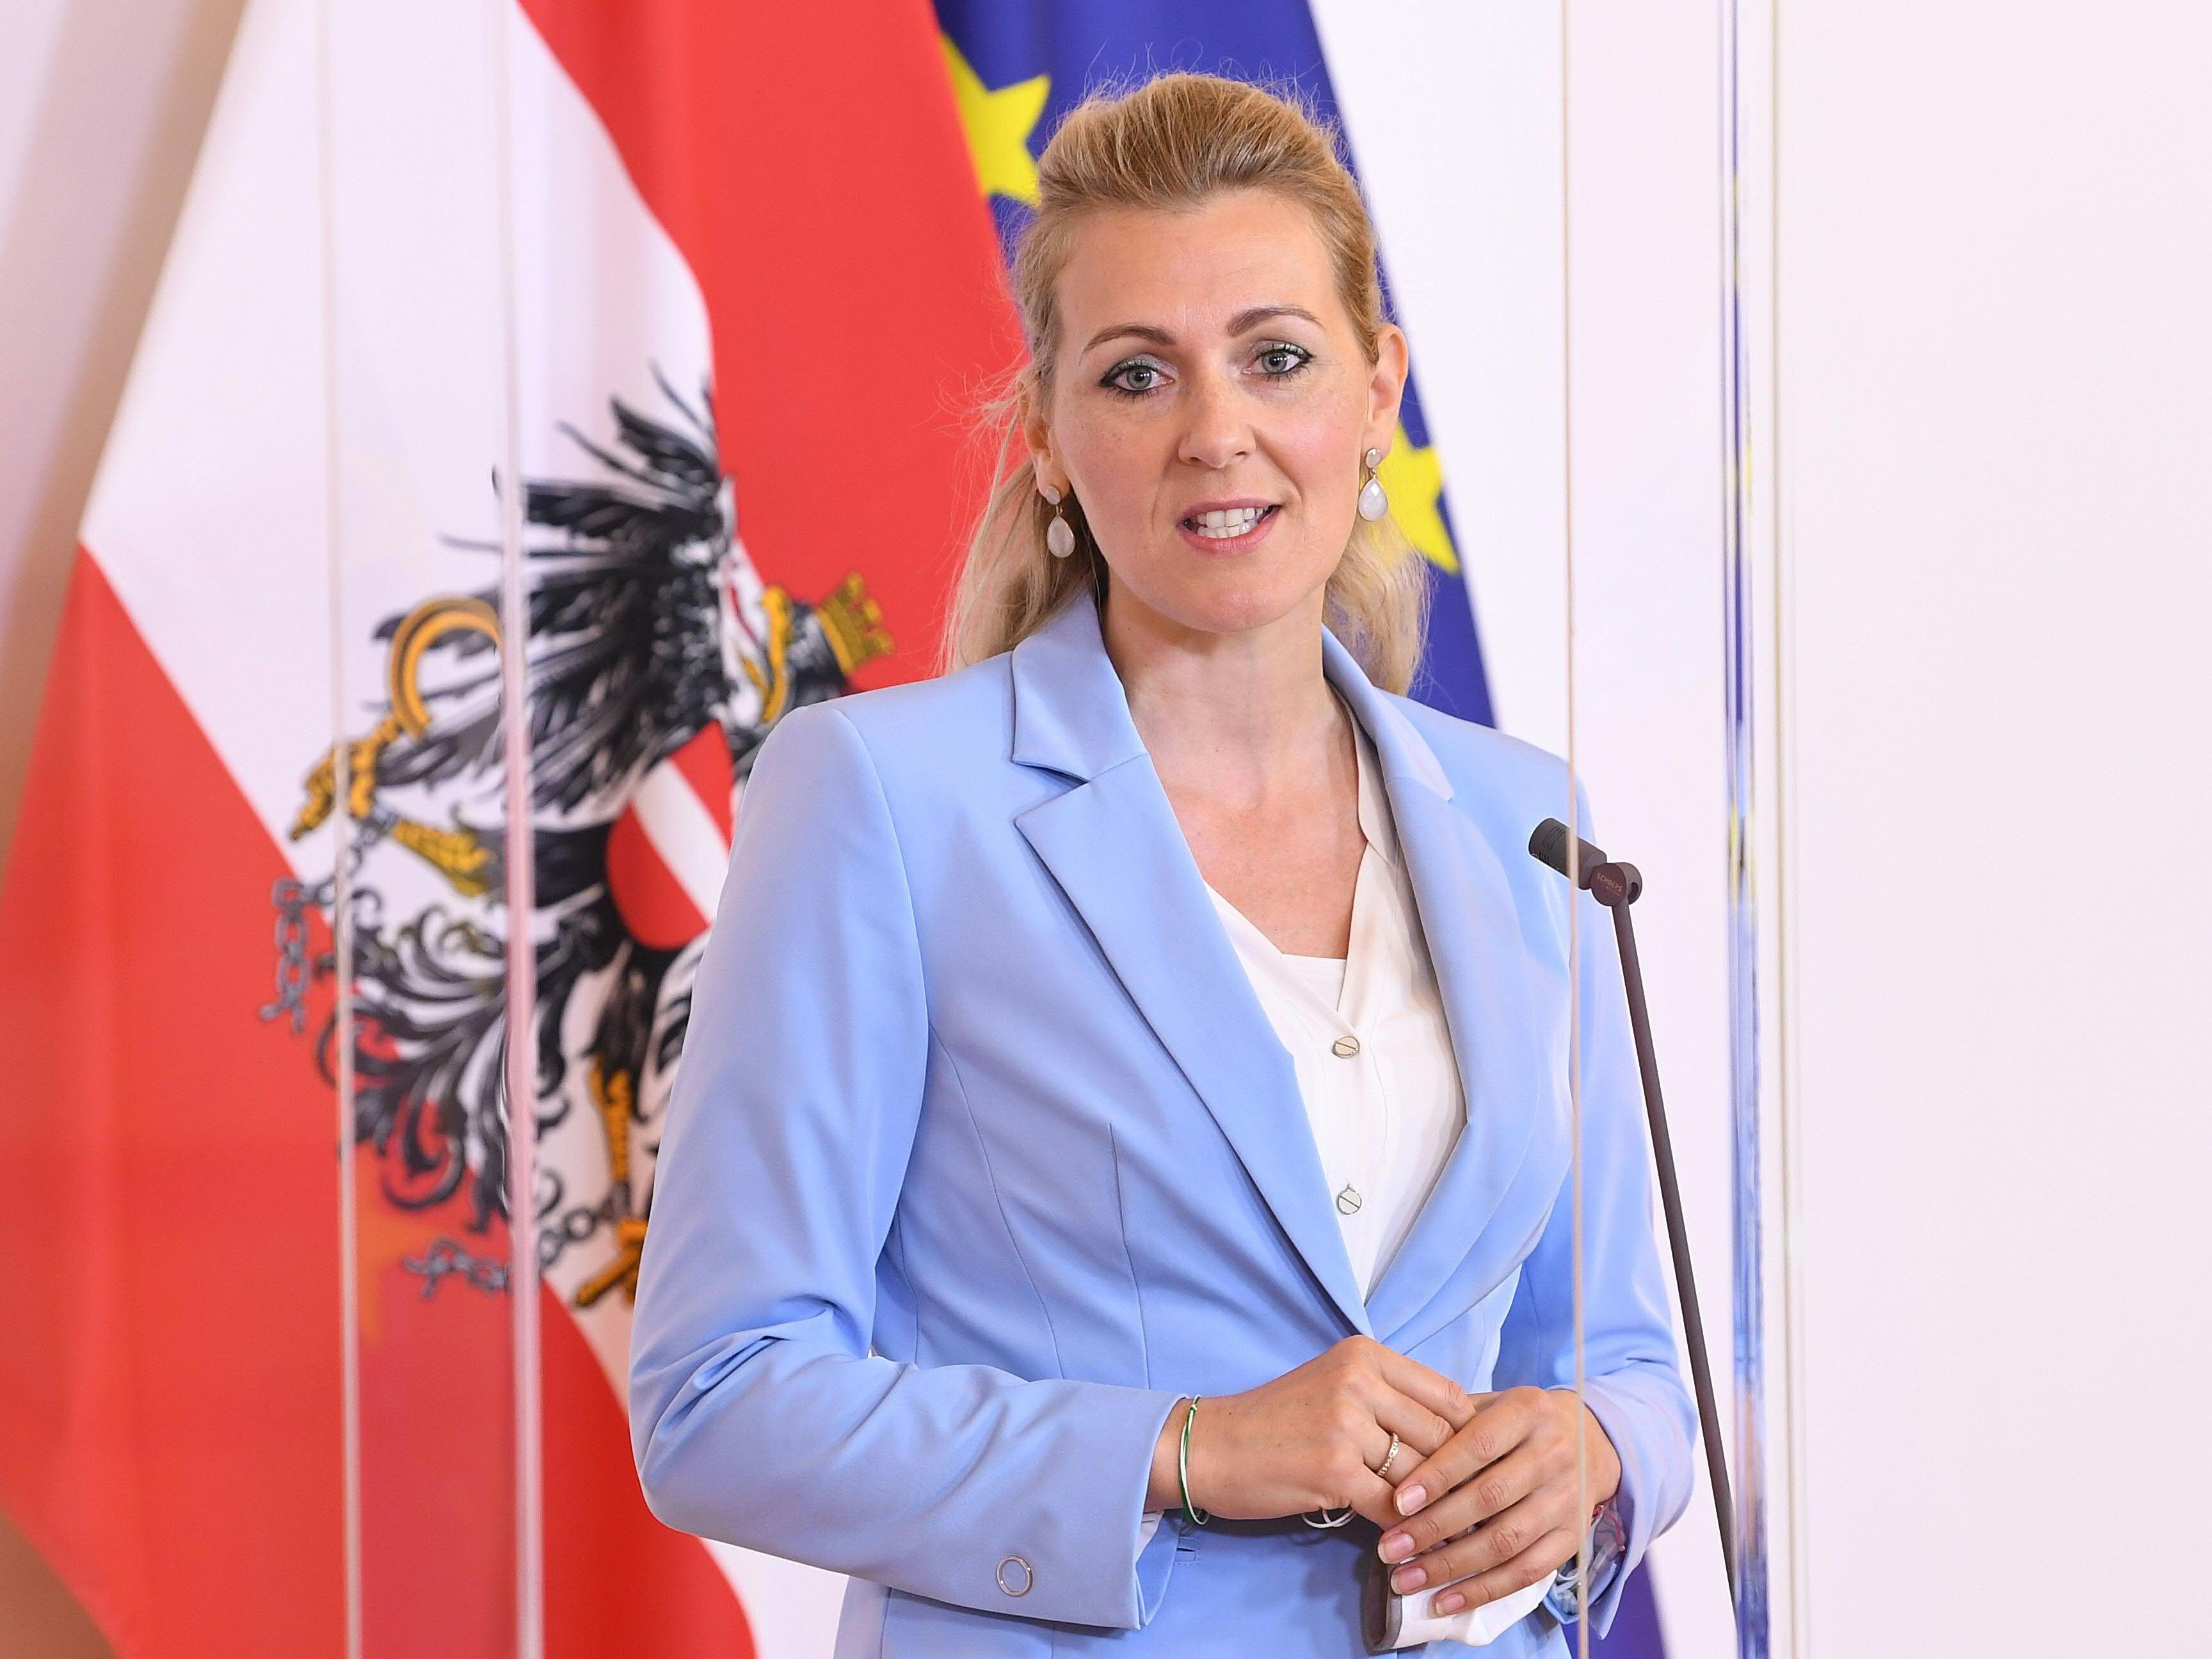 Familienhartefonds Erst 4 Von 60 Mio Euro An Familien Ausbezahlt Coronavirus Wien Vienna At